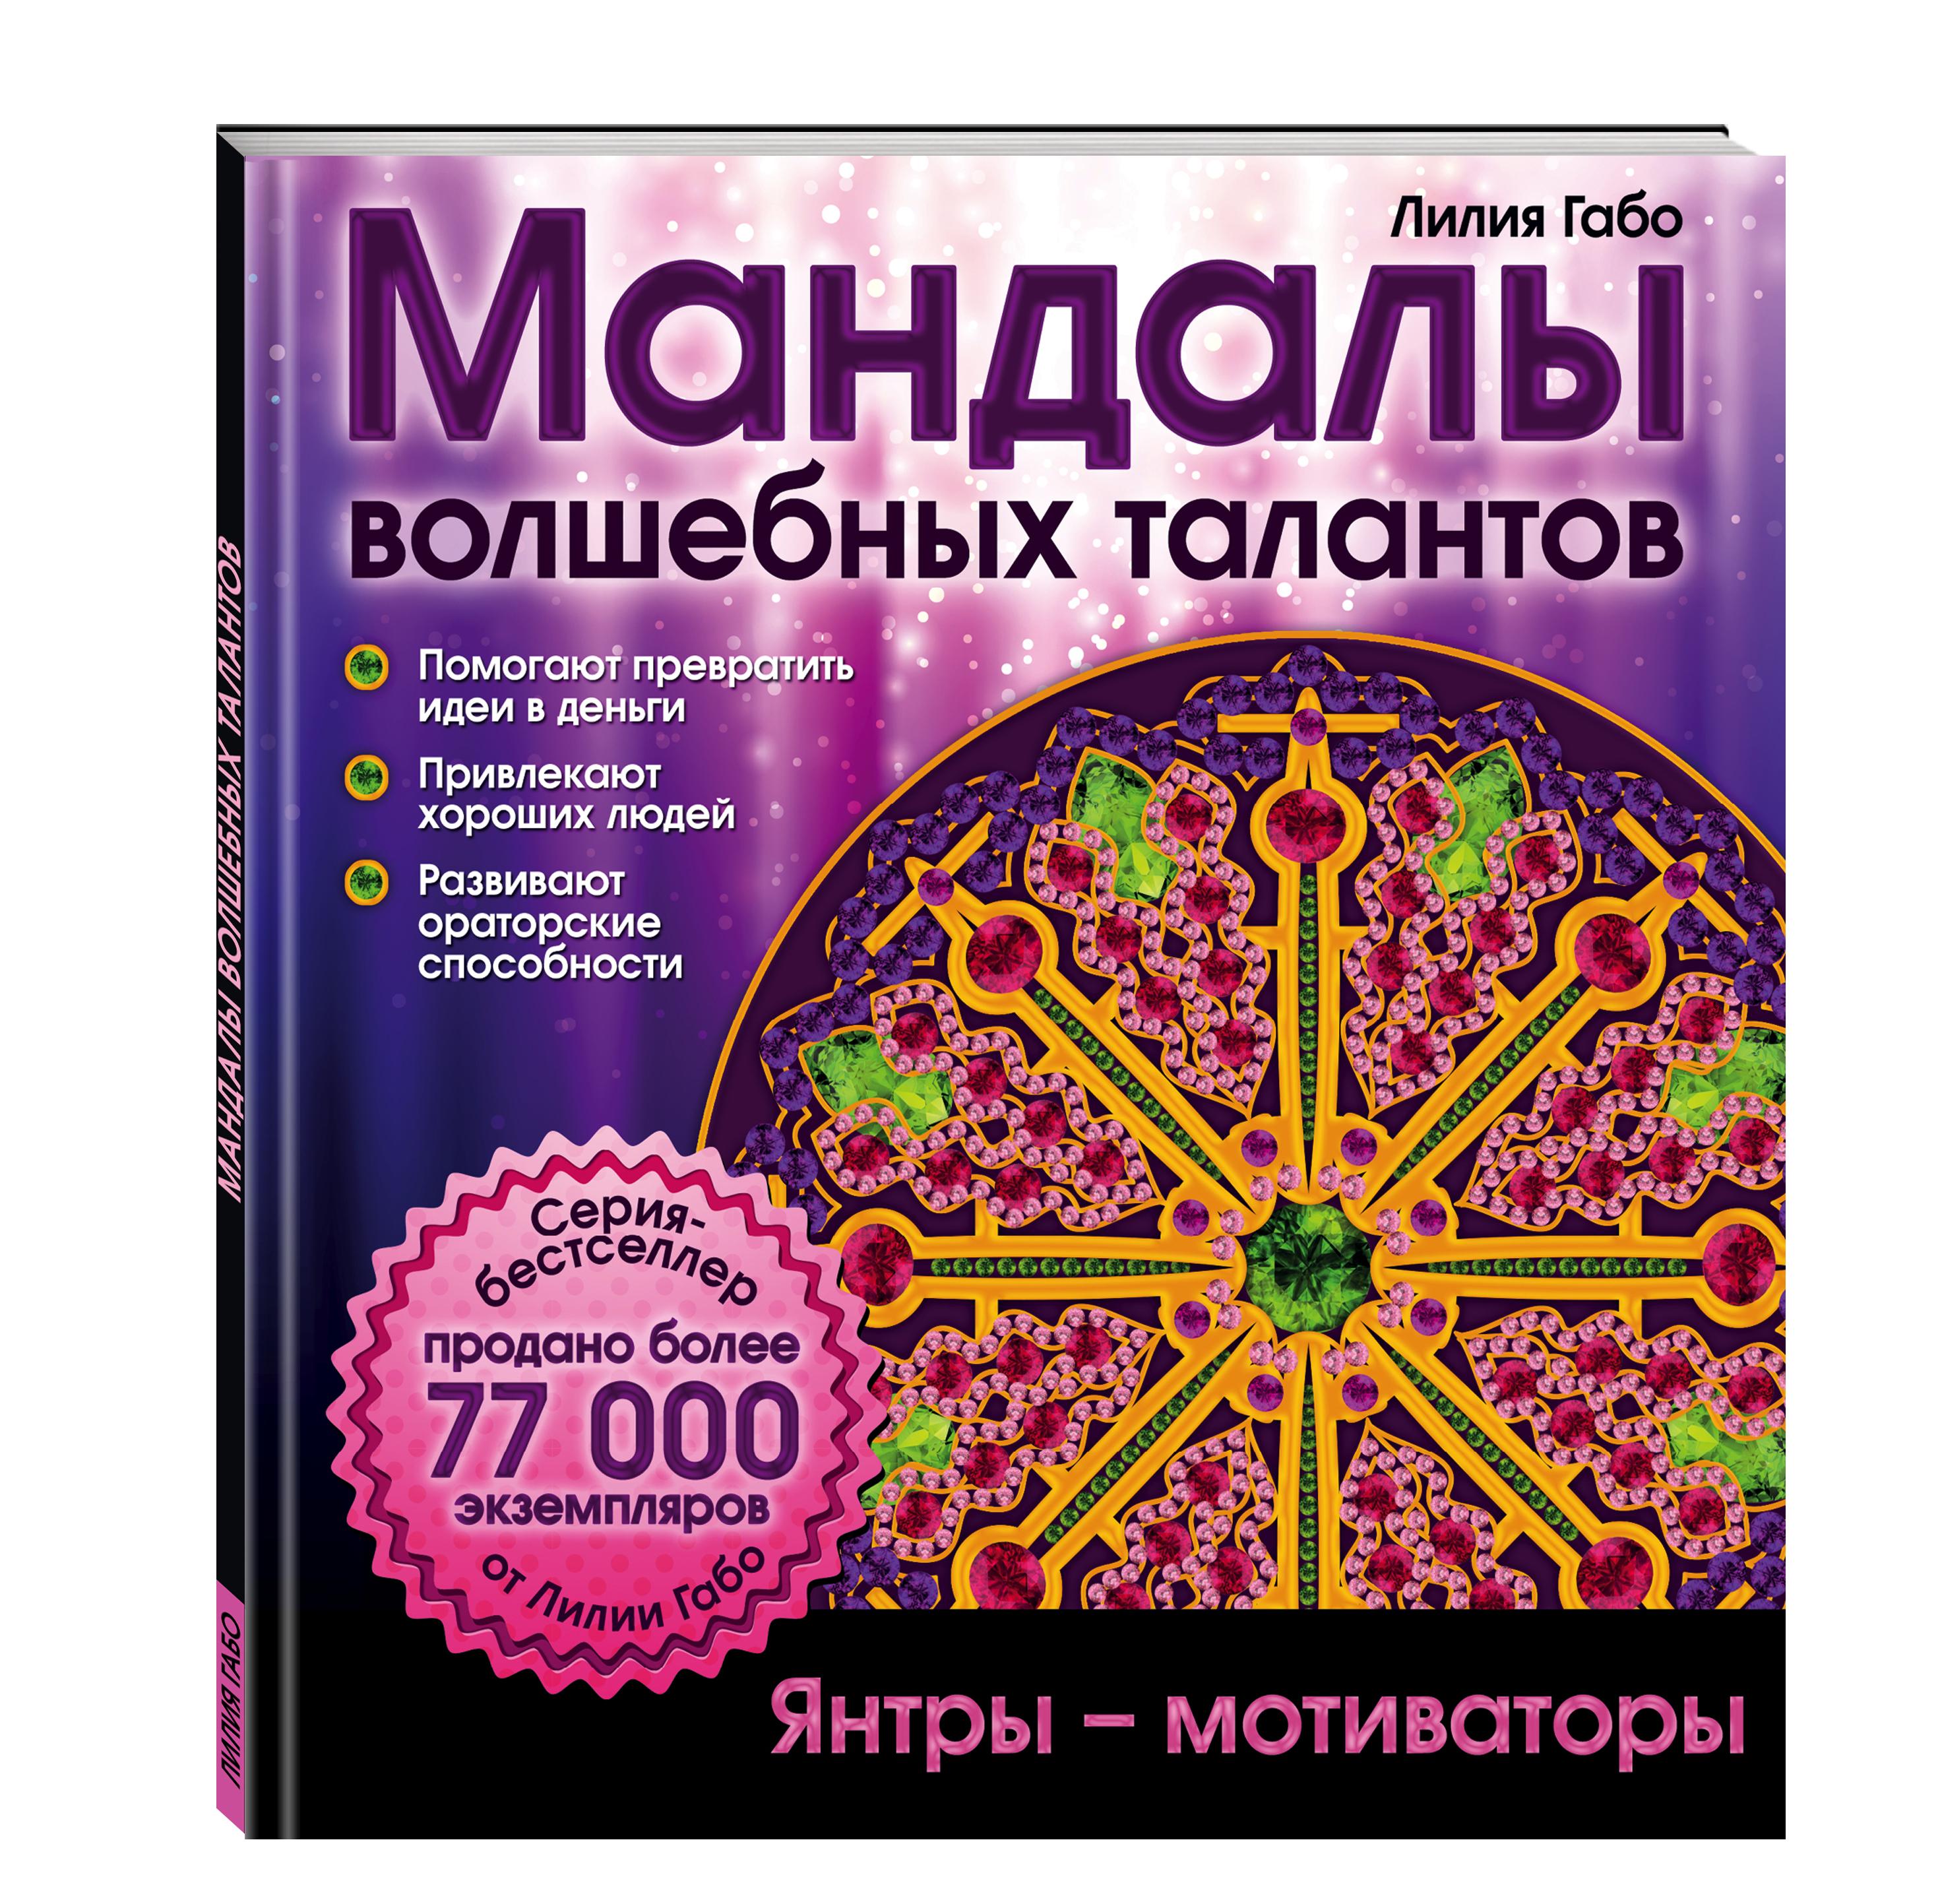 лилия габо мандалы новый способ бросить курить раскраска Лилия Габо Мандалы волшебных талантов (раскраска)